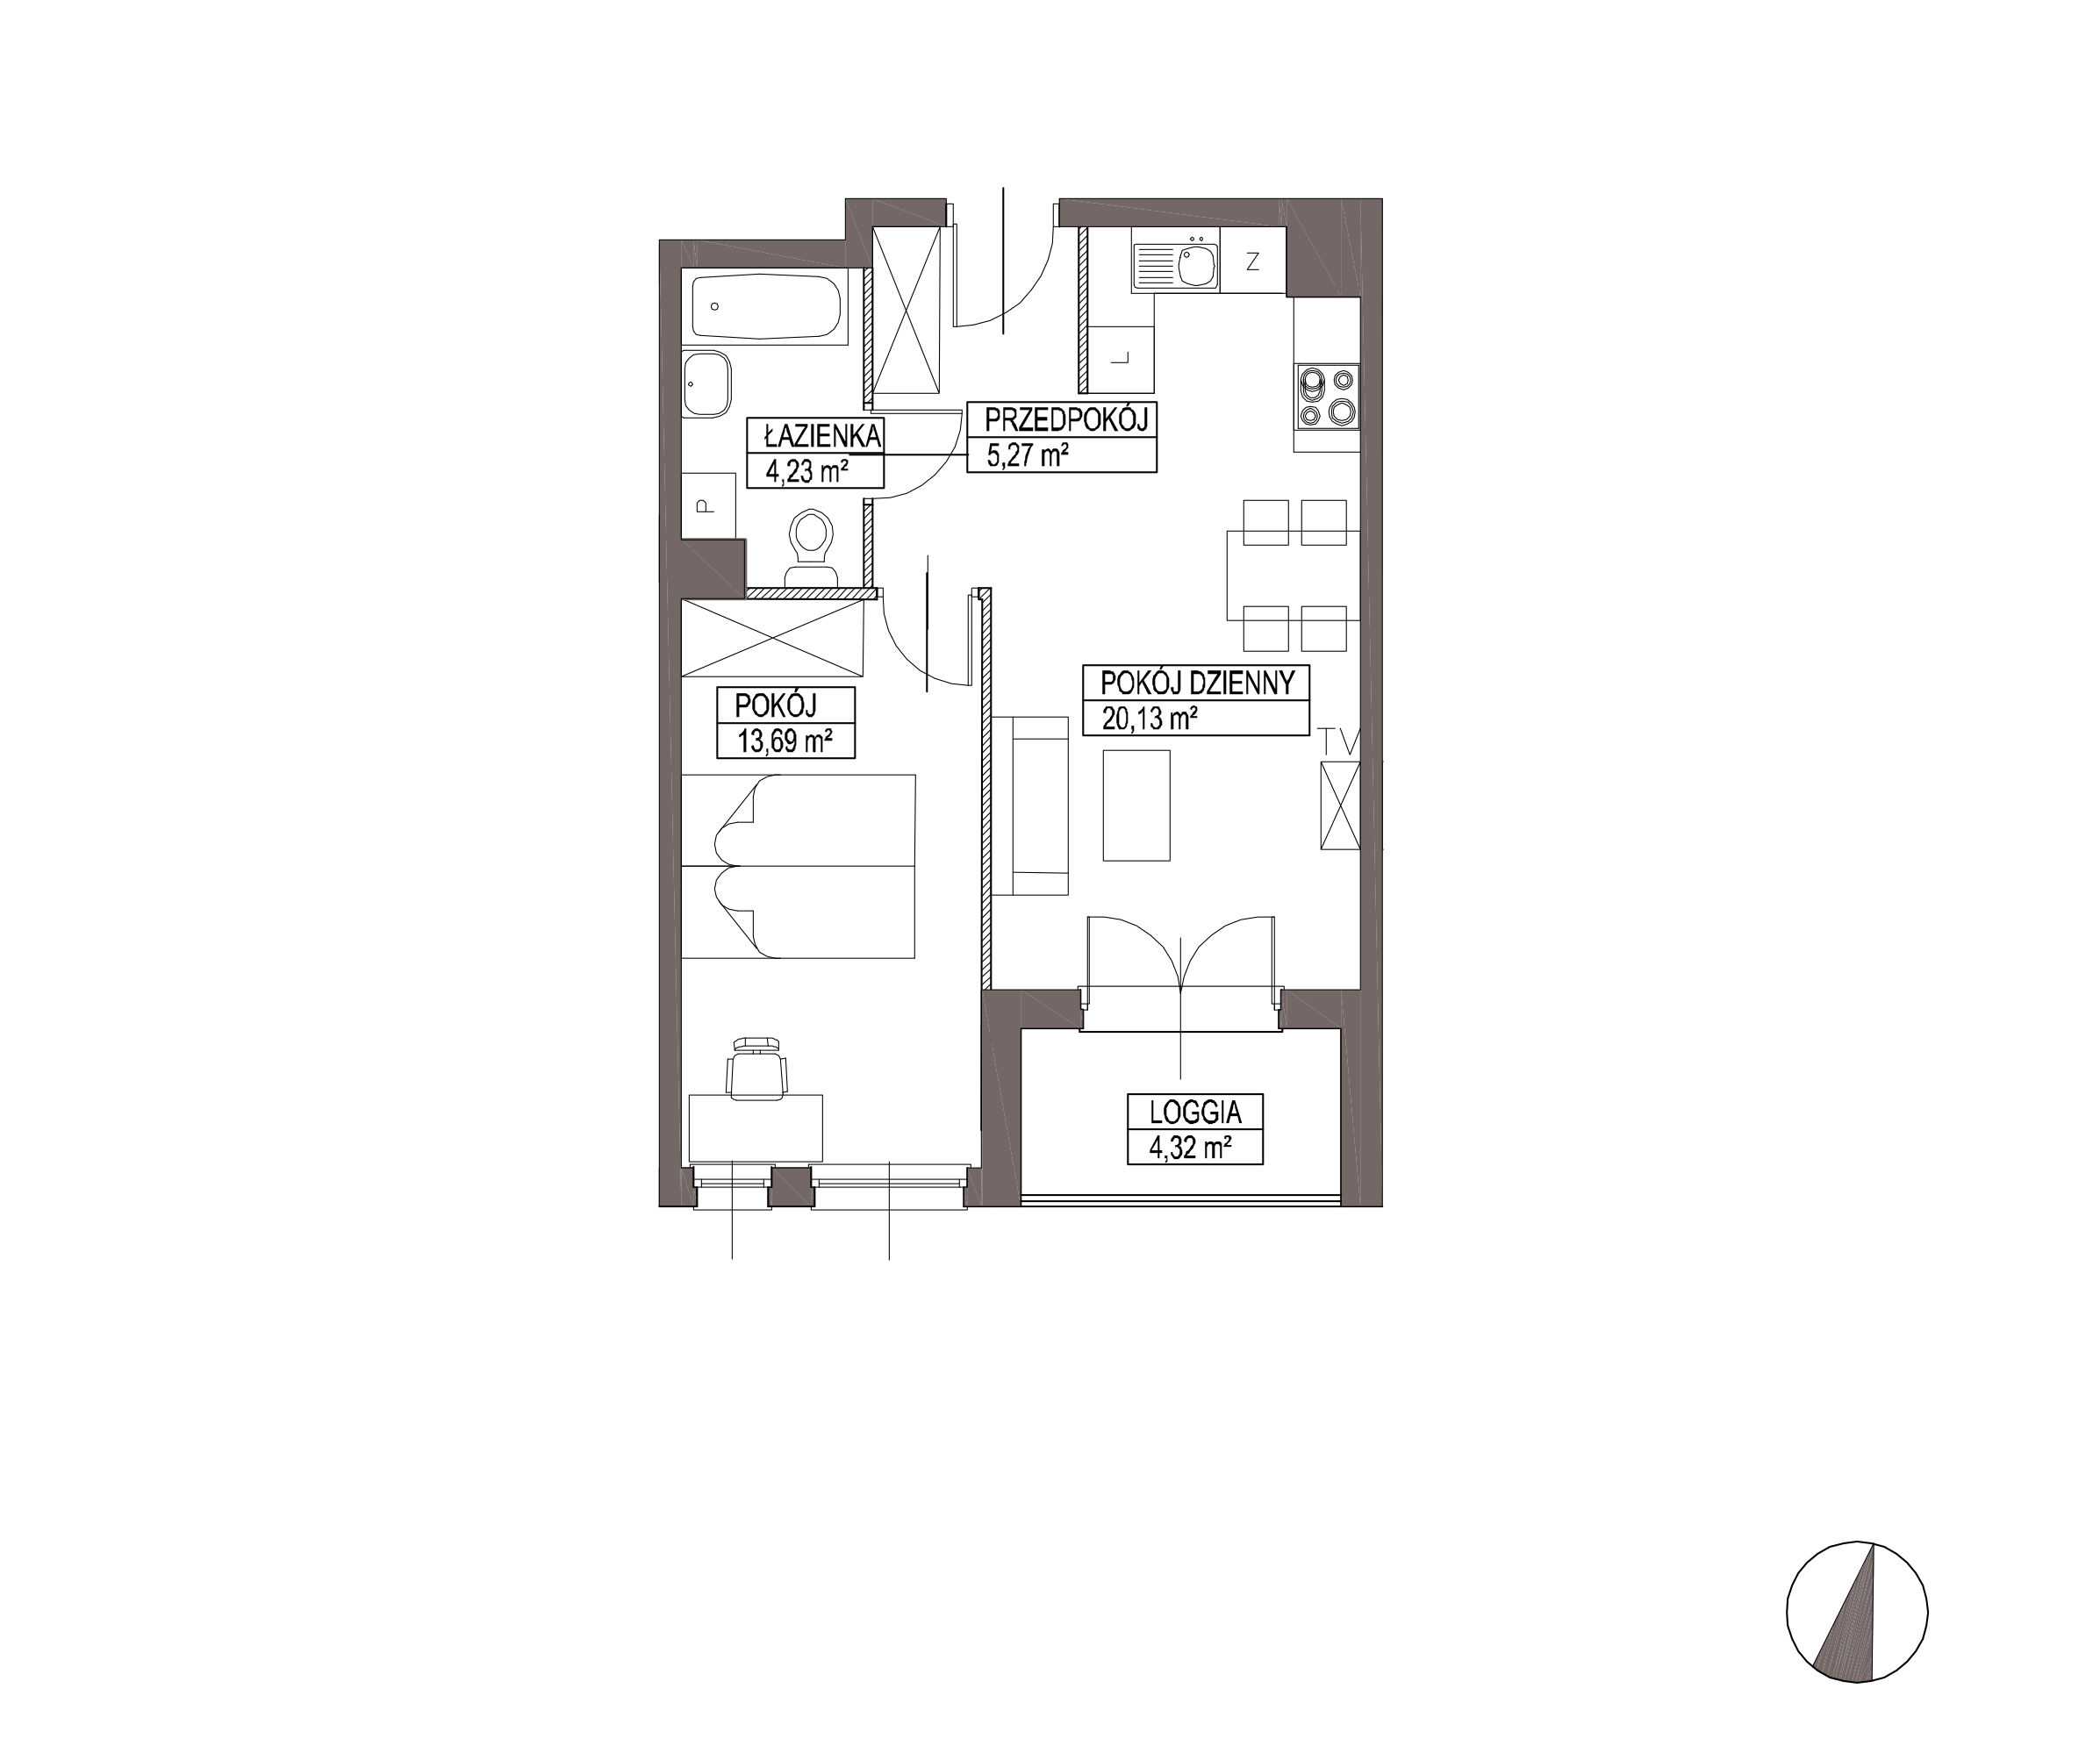 Kameralna Olszówka / budynek 1 / mieszkanie KO/A/2/4 rzut 1